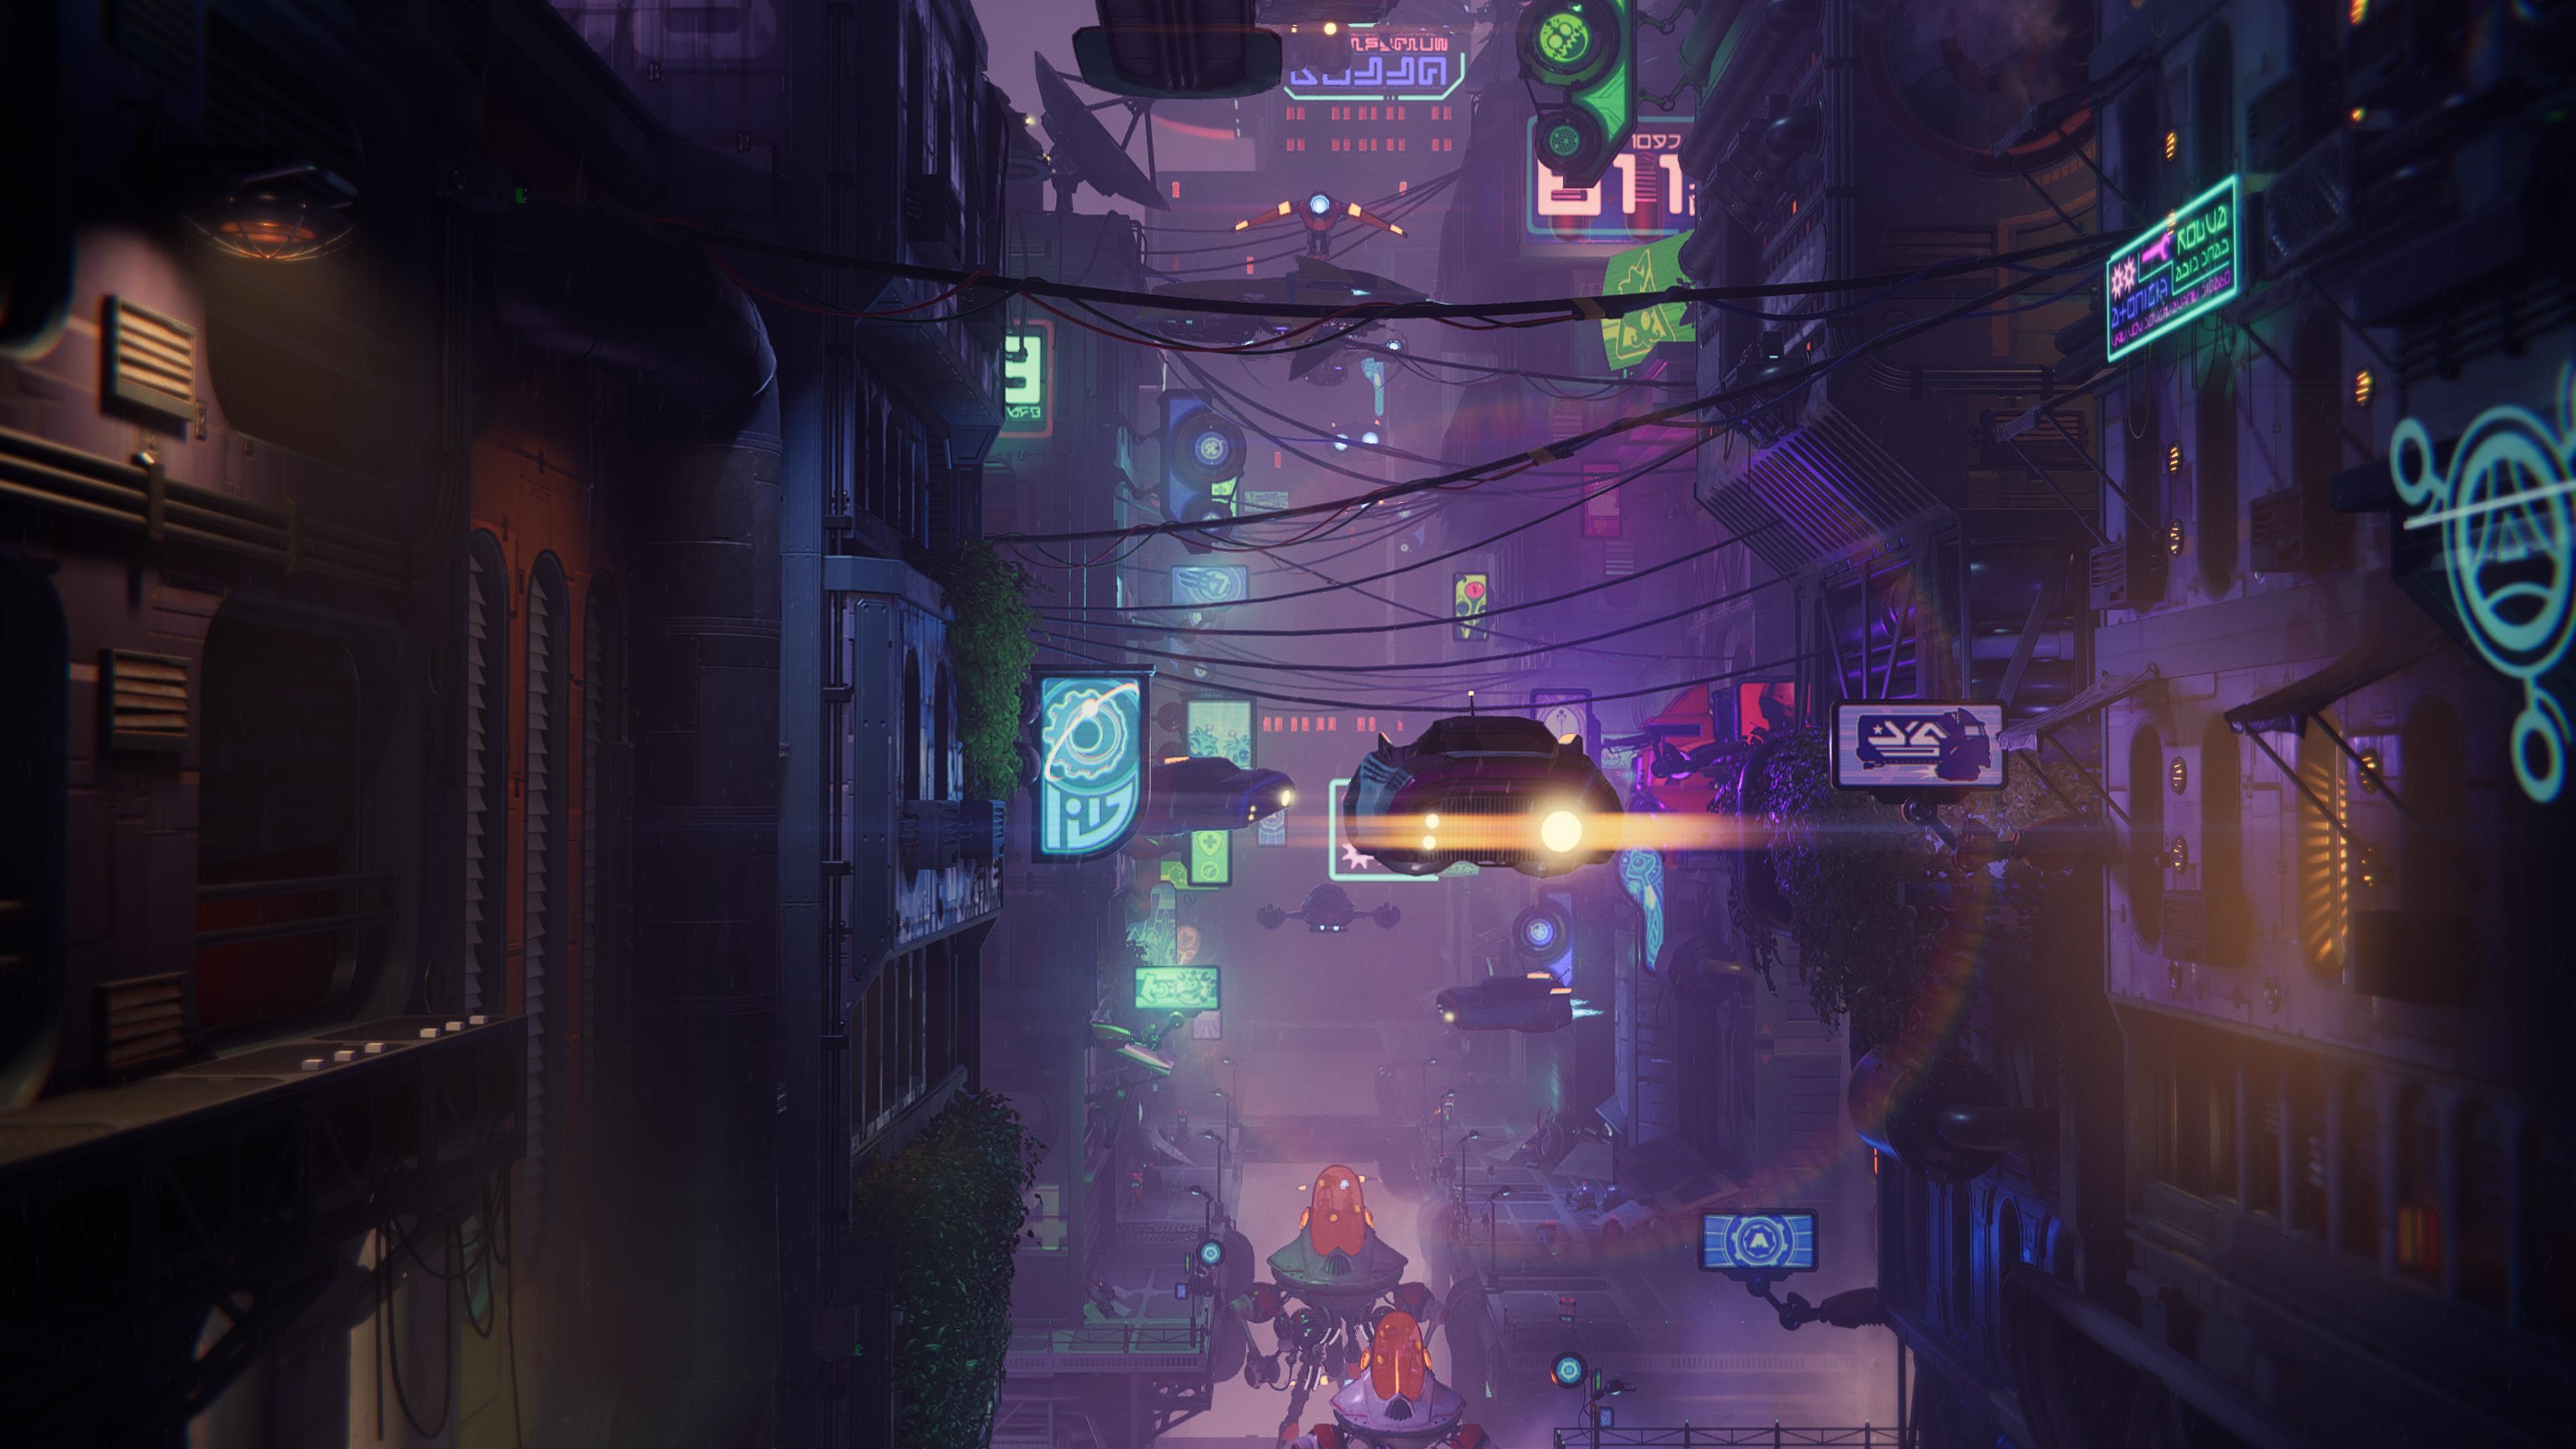 Обзор: Ratchet & Clank: Rift Apart - Параллельные миры, два героя, одна проблема 46